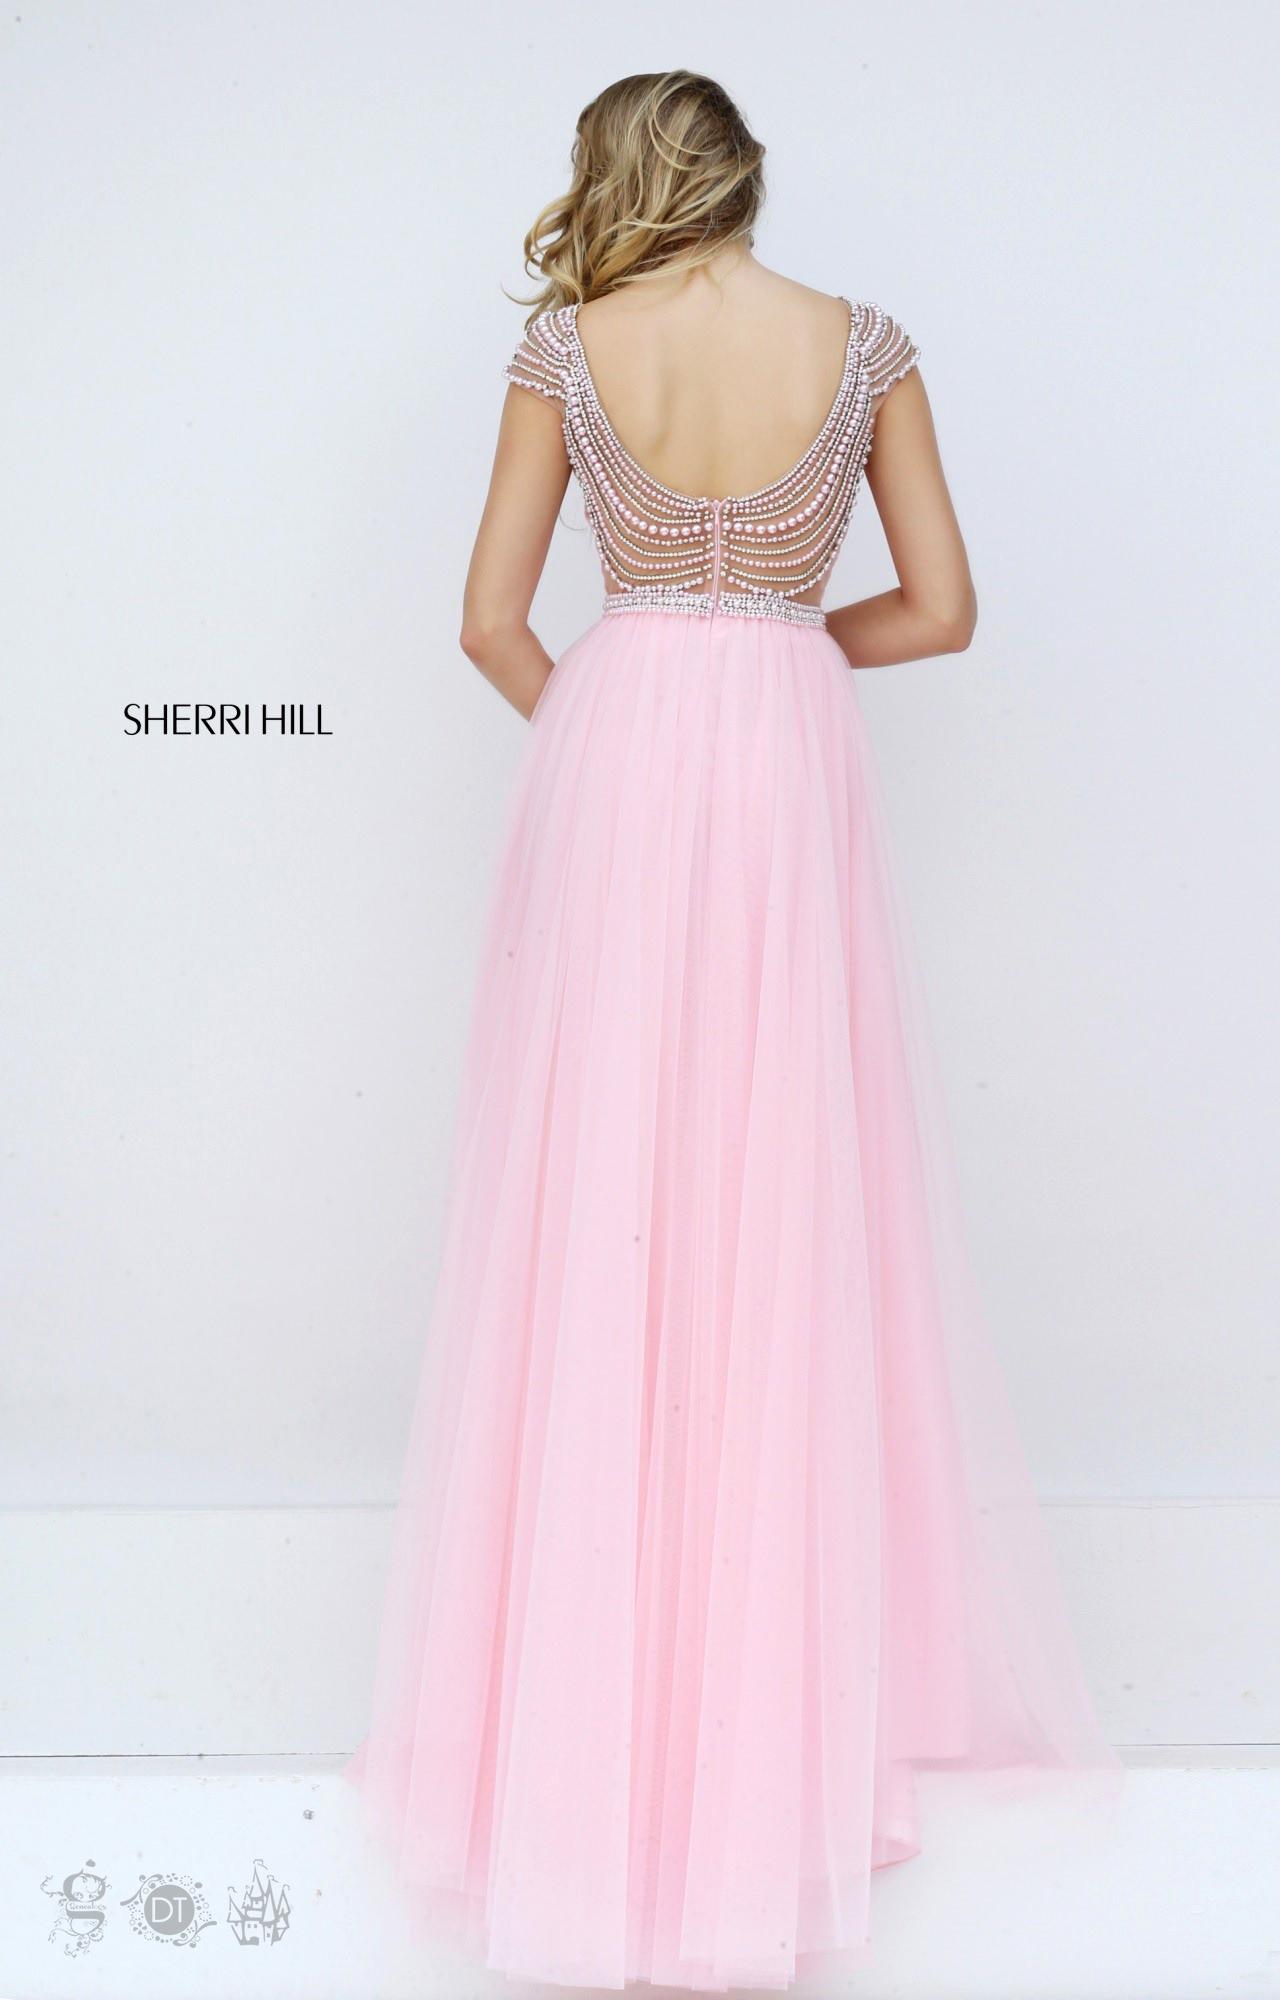 Sherri Hill 50187 - Pretty in Pearls Dress Prom Dress 192a83745